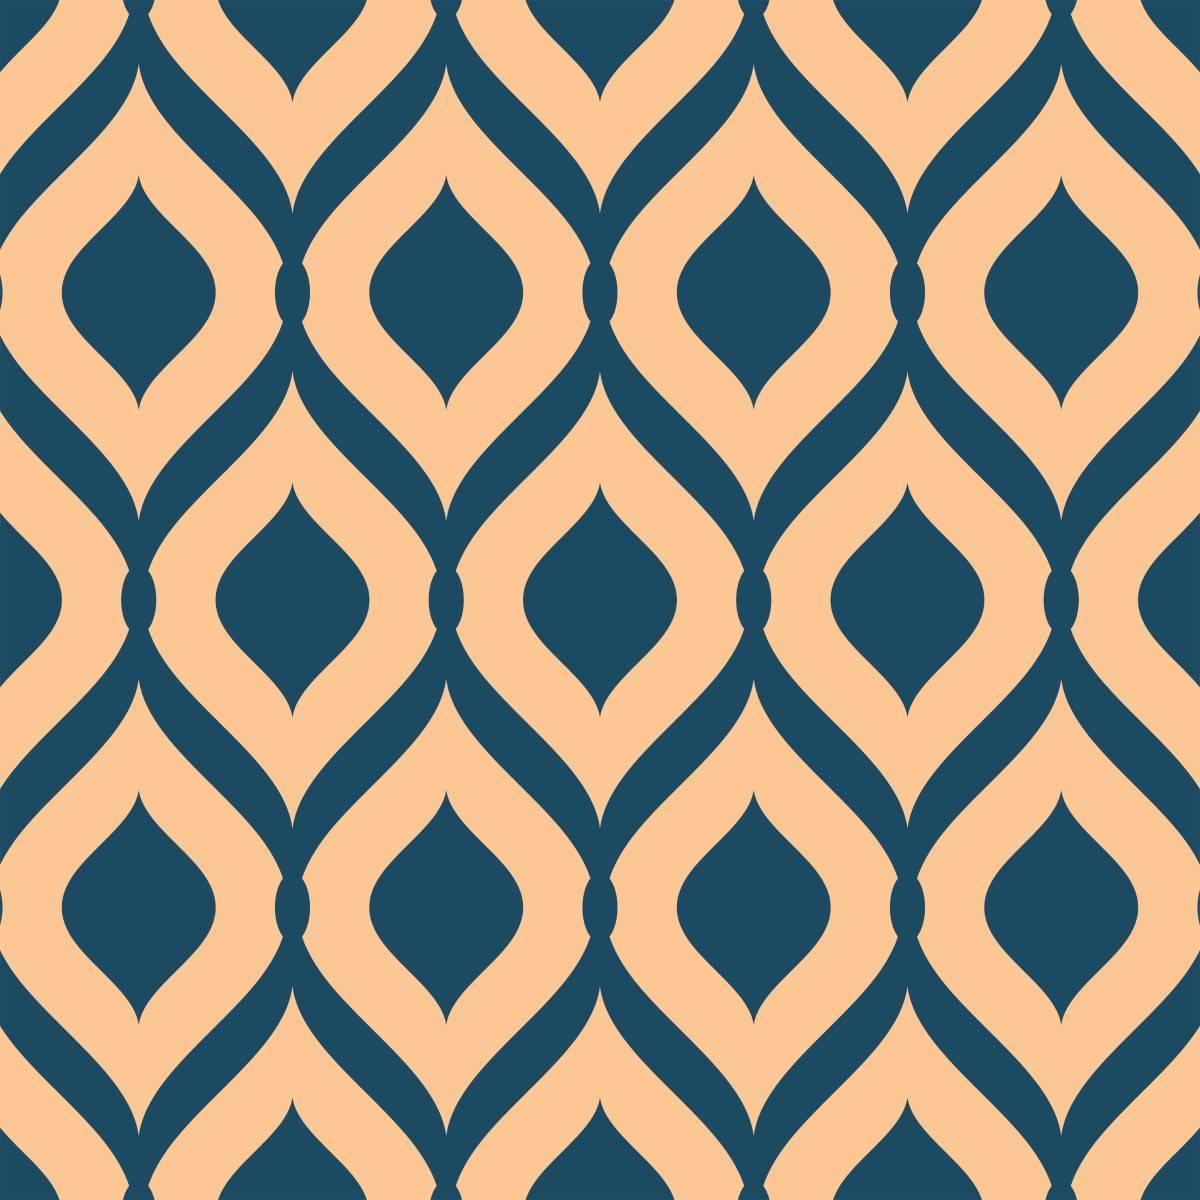 Papel de Parede Retrô Azul e Bege | Adesivo Vinilico imagem 2